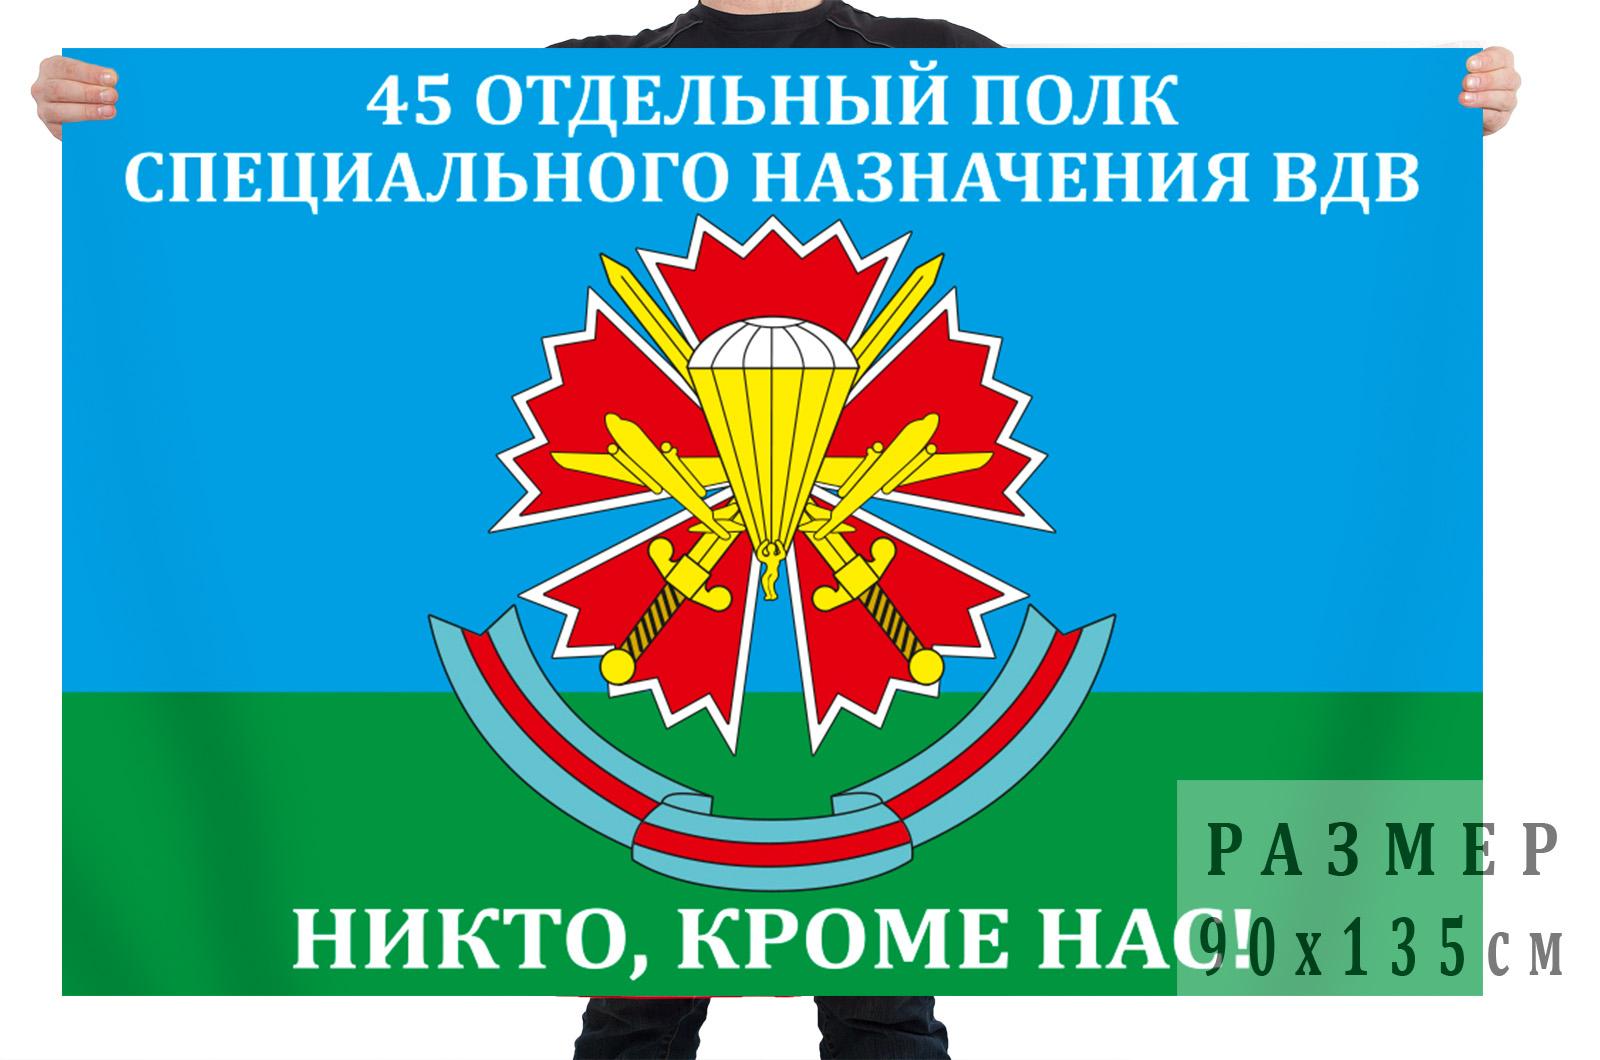 Флаг 45 отдельного полка спецназа ВДВ